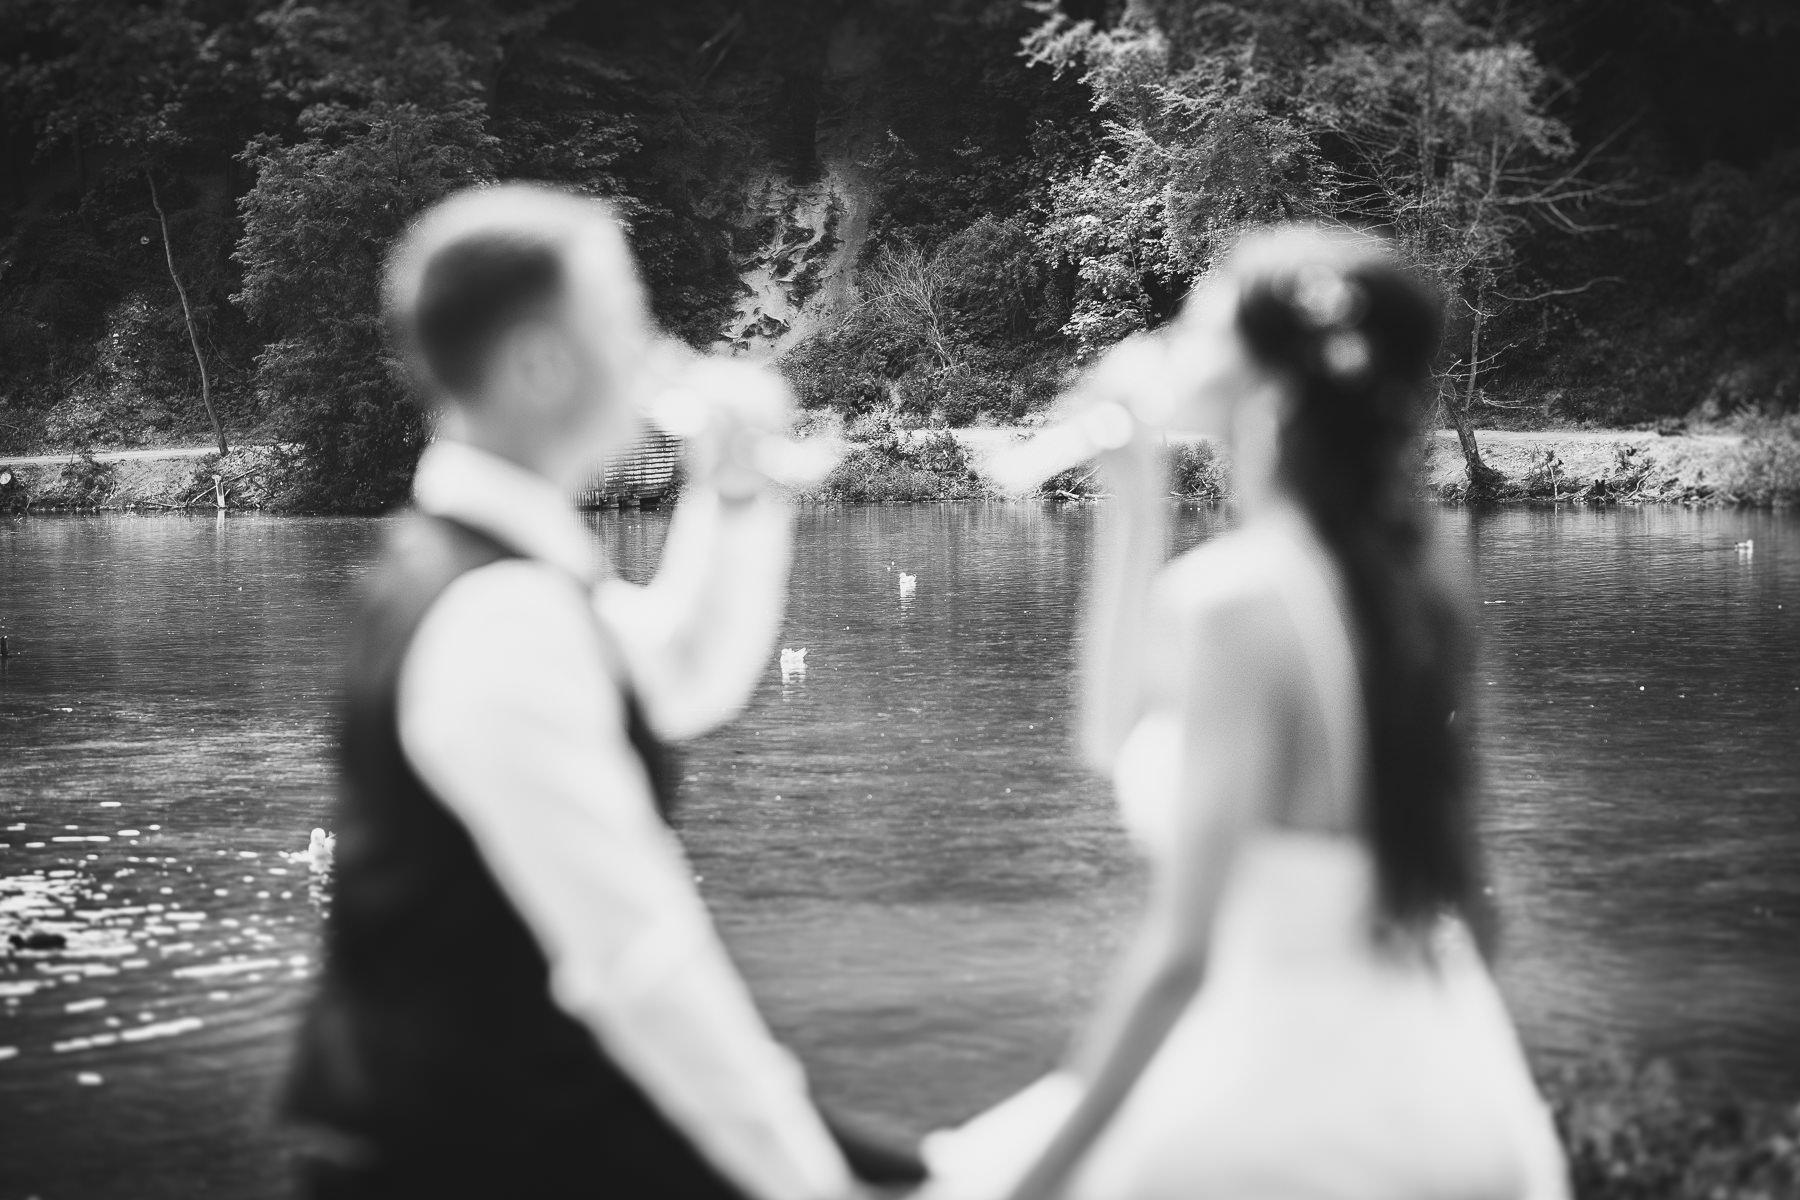 Sussex Weddings near the pond by Vilcinskaite Photo